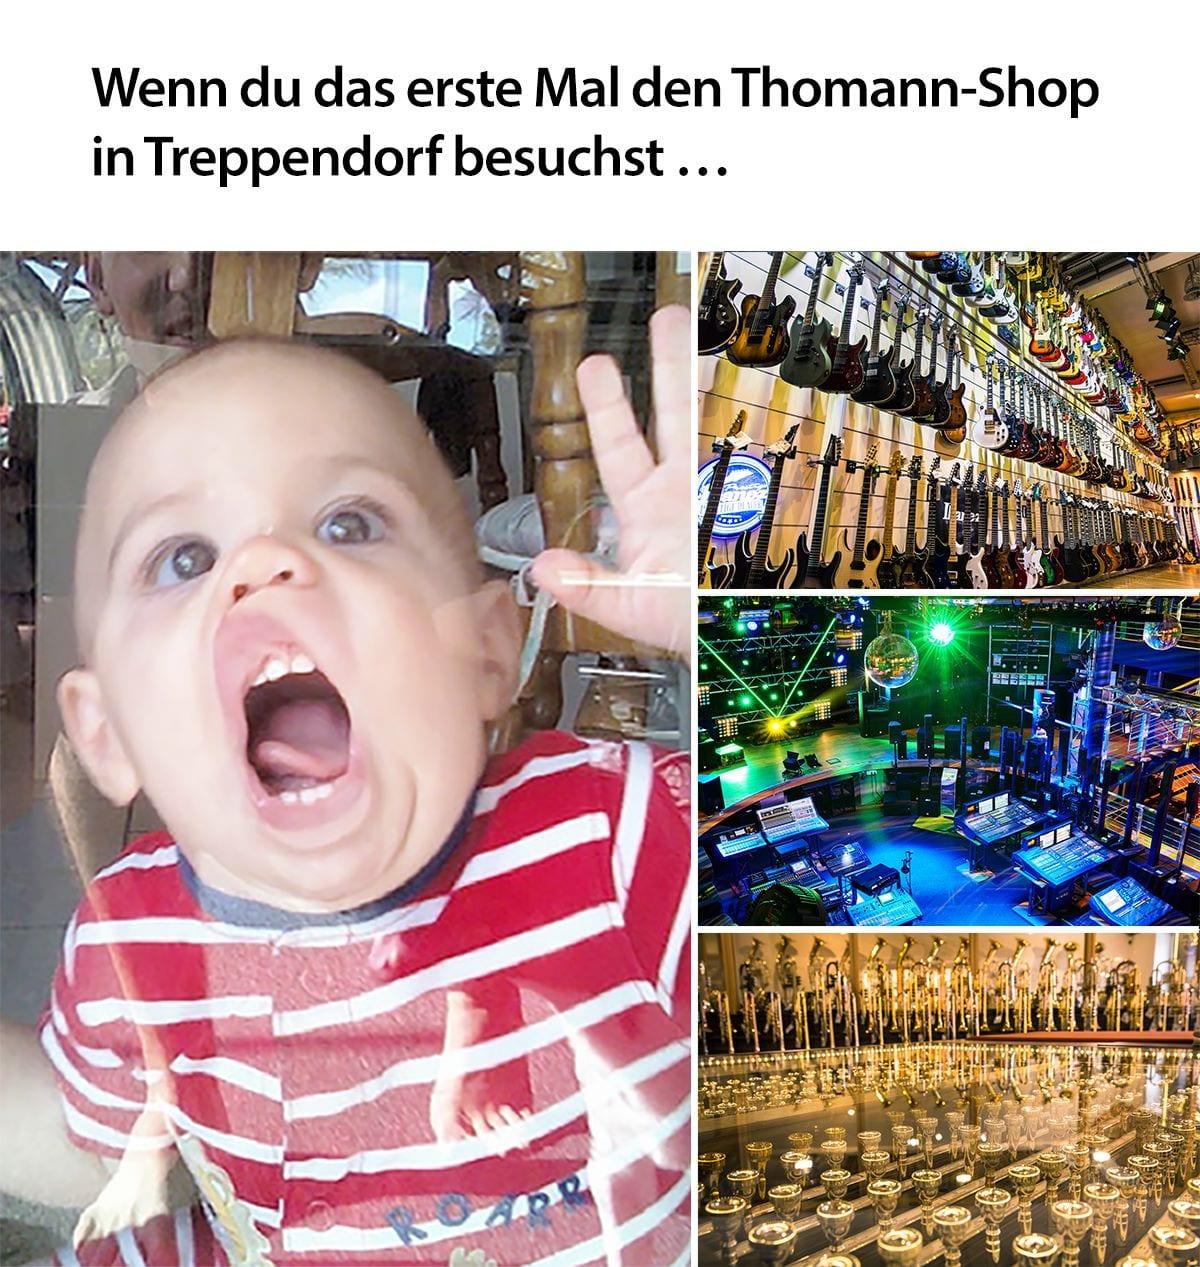 Meme Musik Besuch Treppendorf Thomann Shop Kauf Instrumente